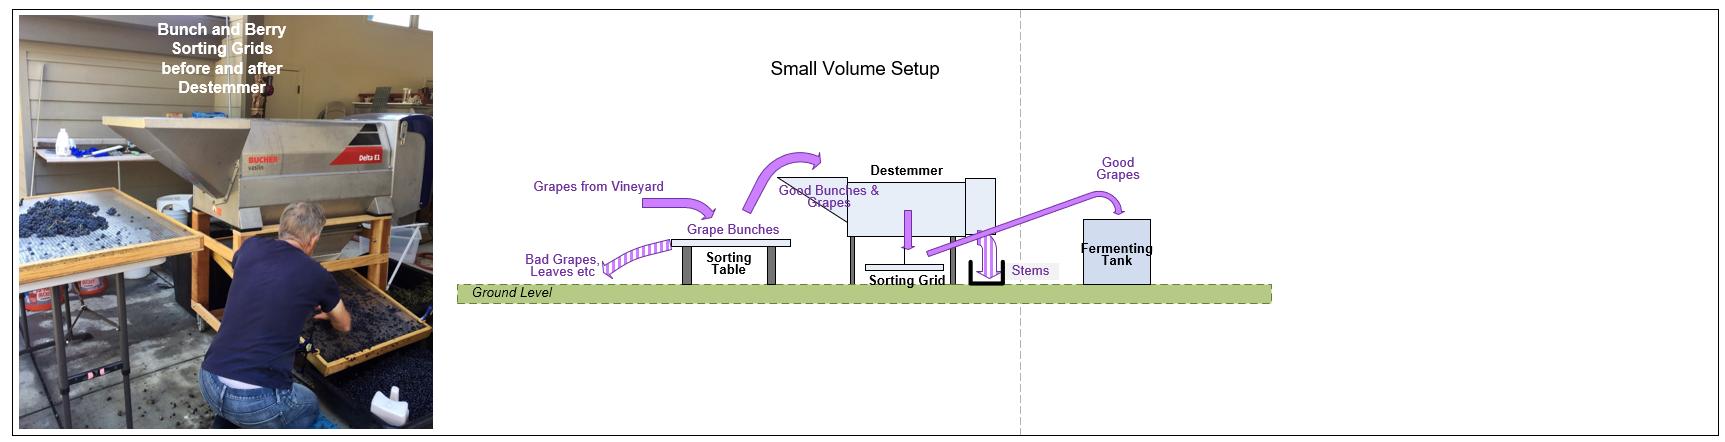 Small Volume Setup.png